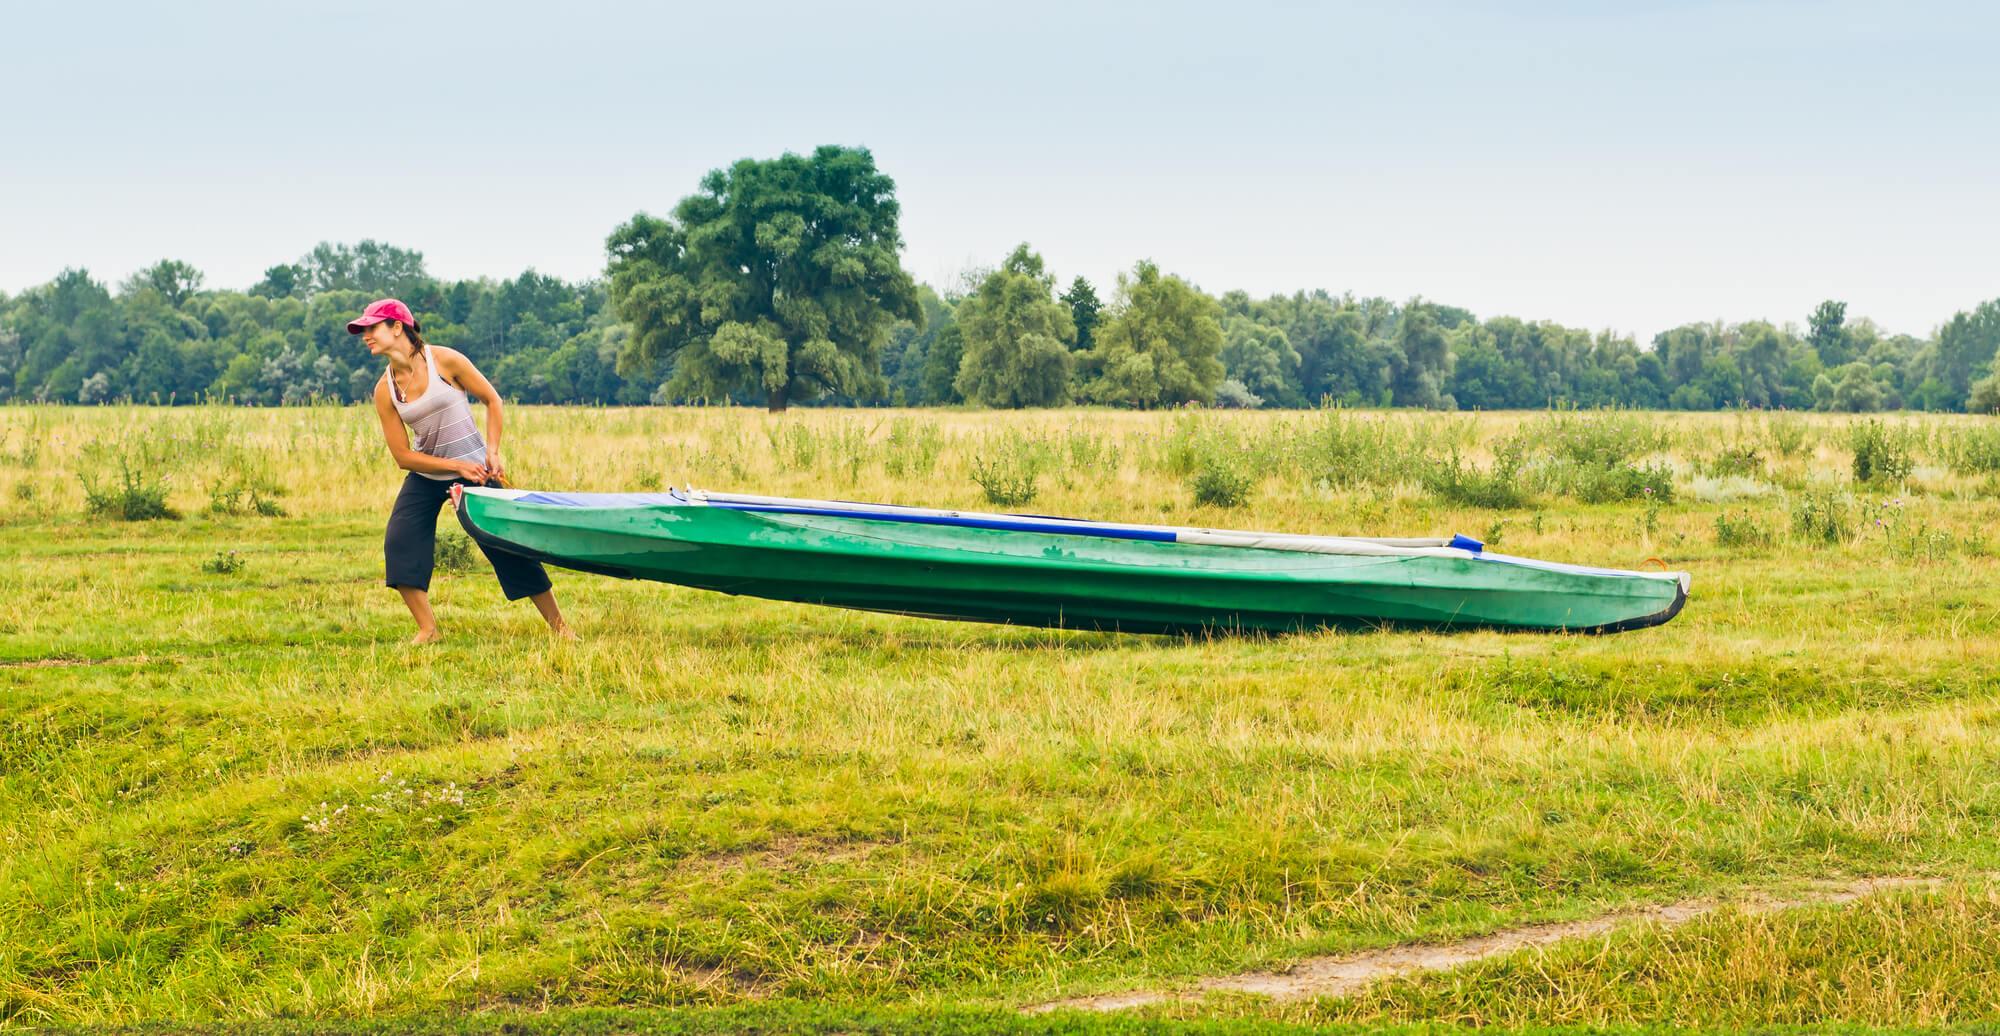 Inflatable Kayak vs Hardshell | Rigid and Blow Up Kayaks